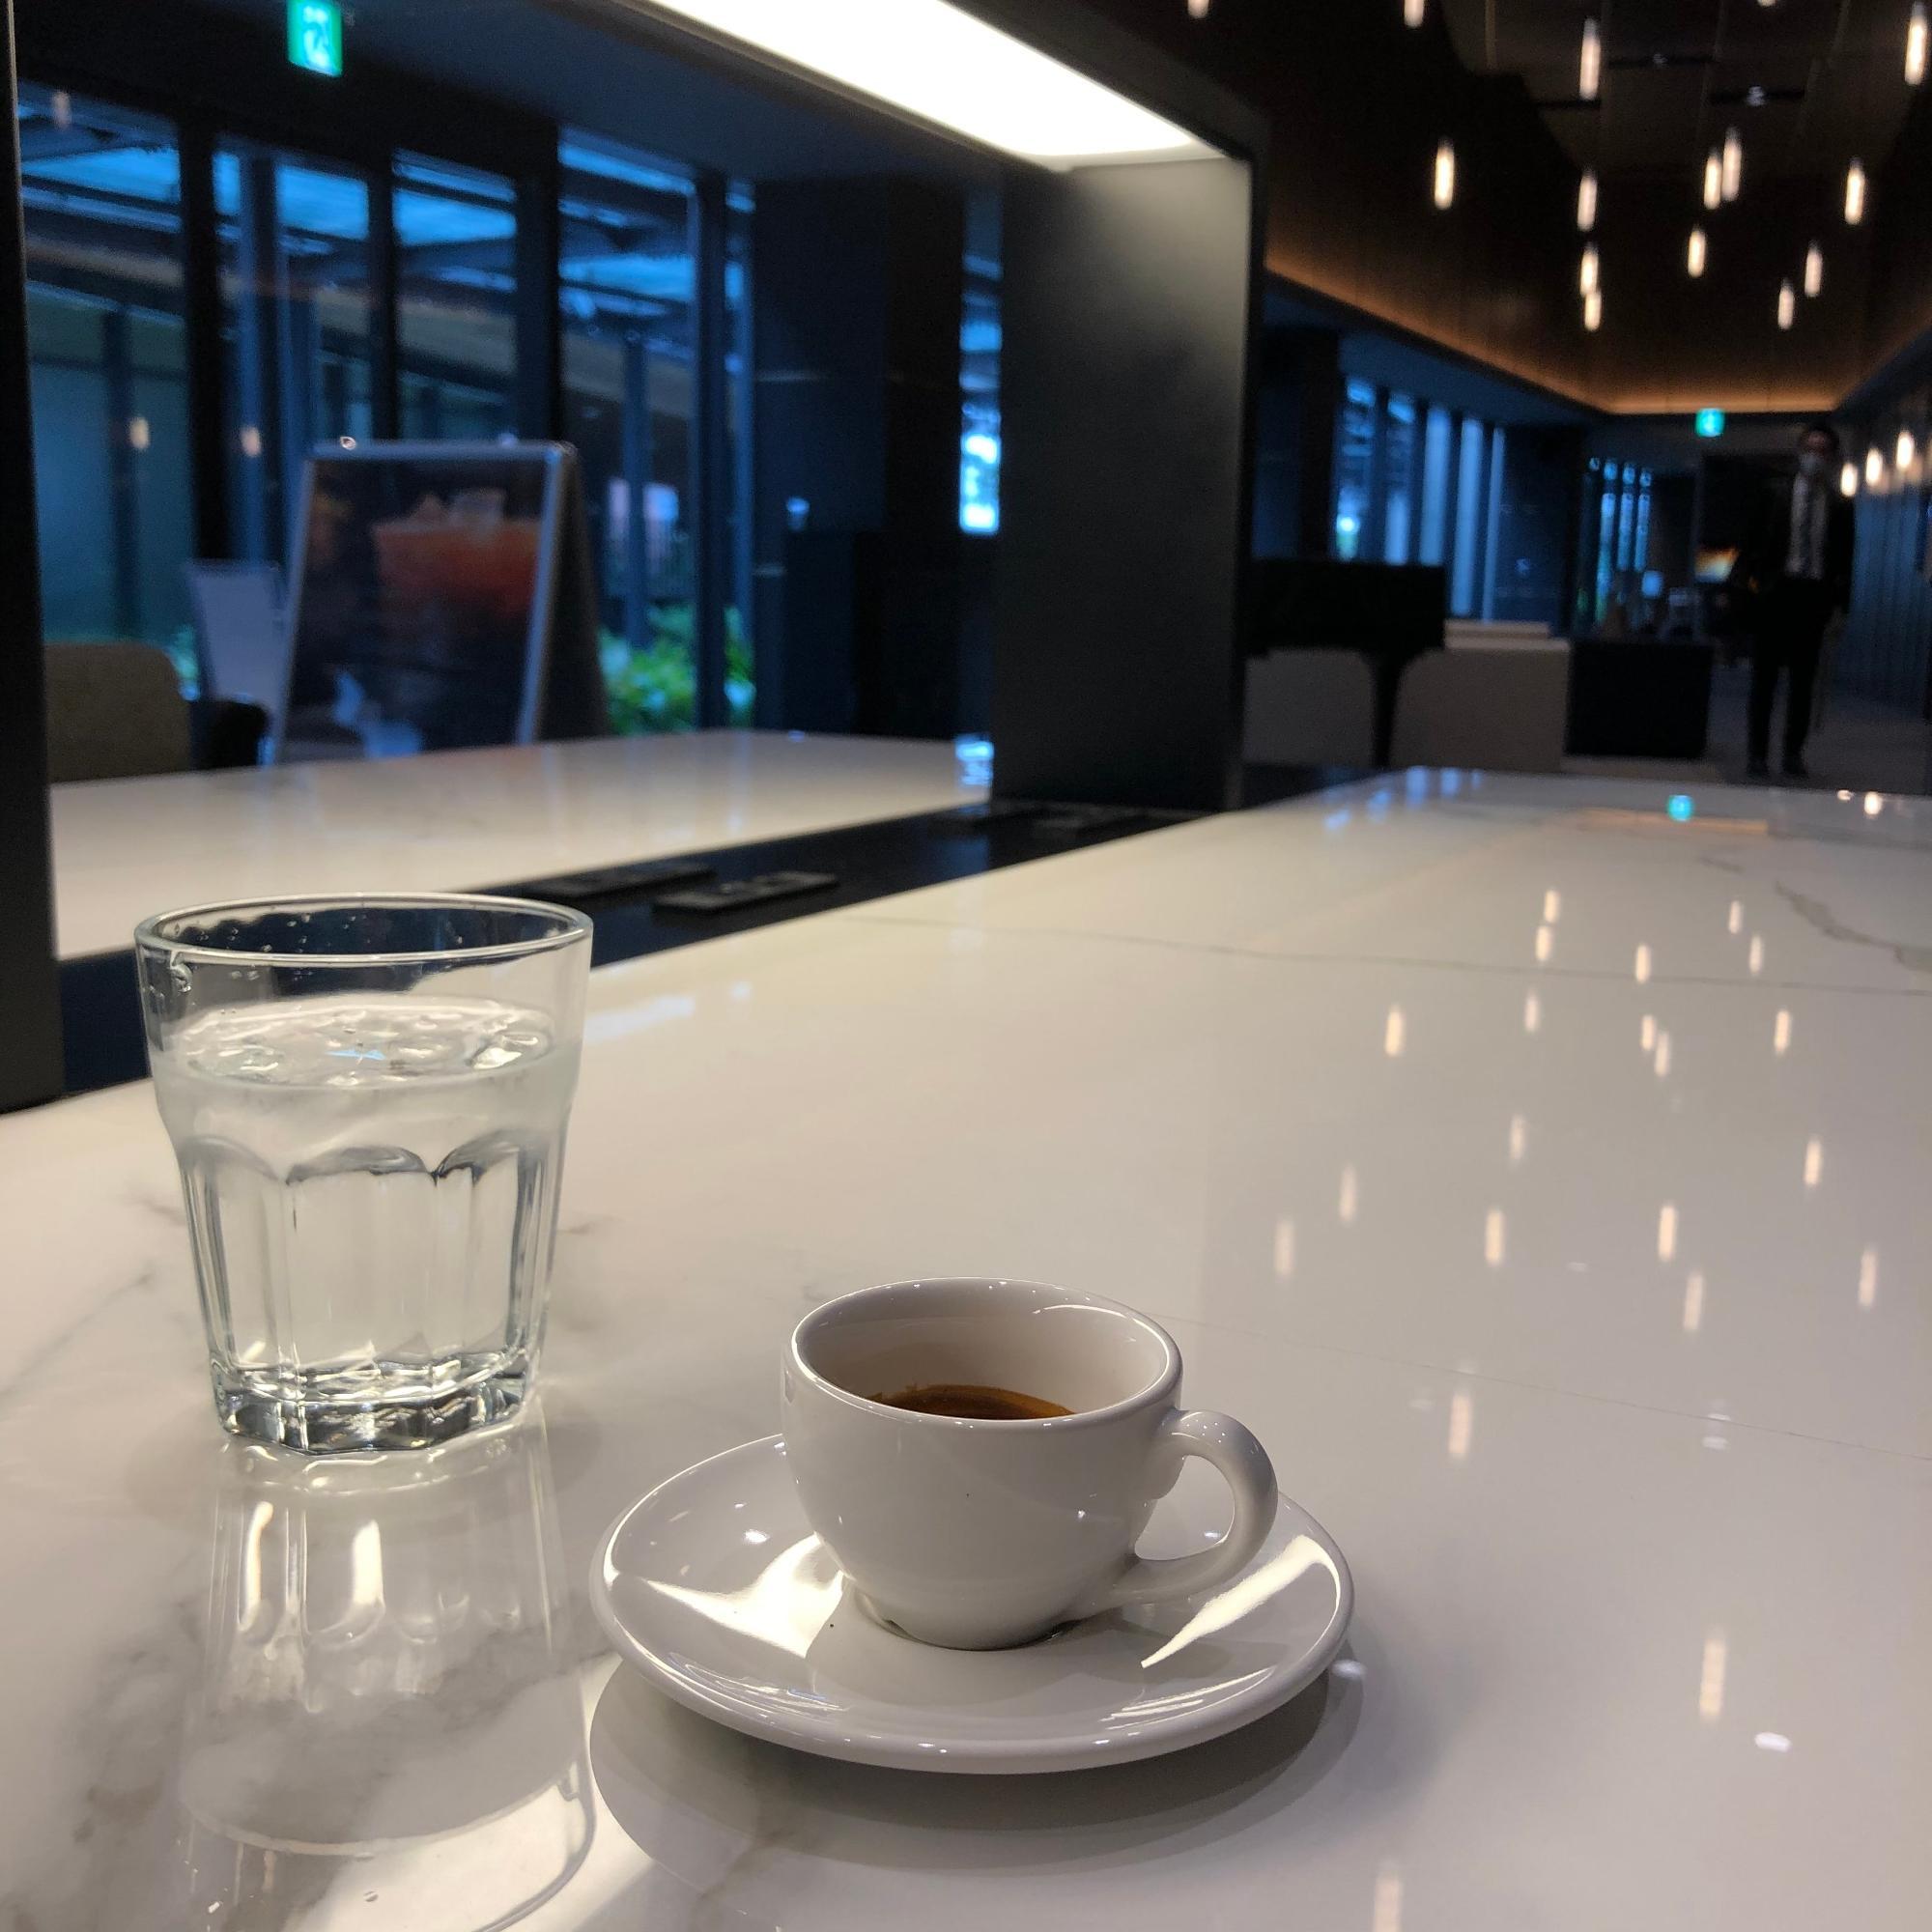 すごく仕事のしやすい「リボルバー ブーズ&コーヒー」 エスプレッソは目が覚めるのでお気に入り